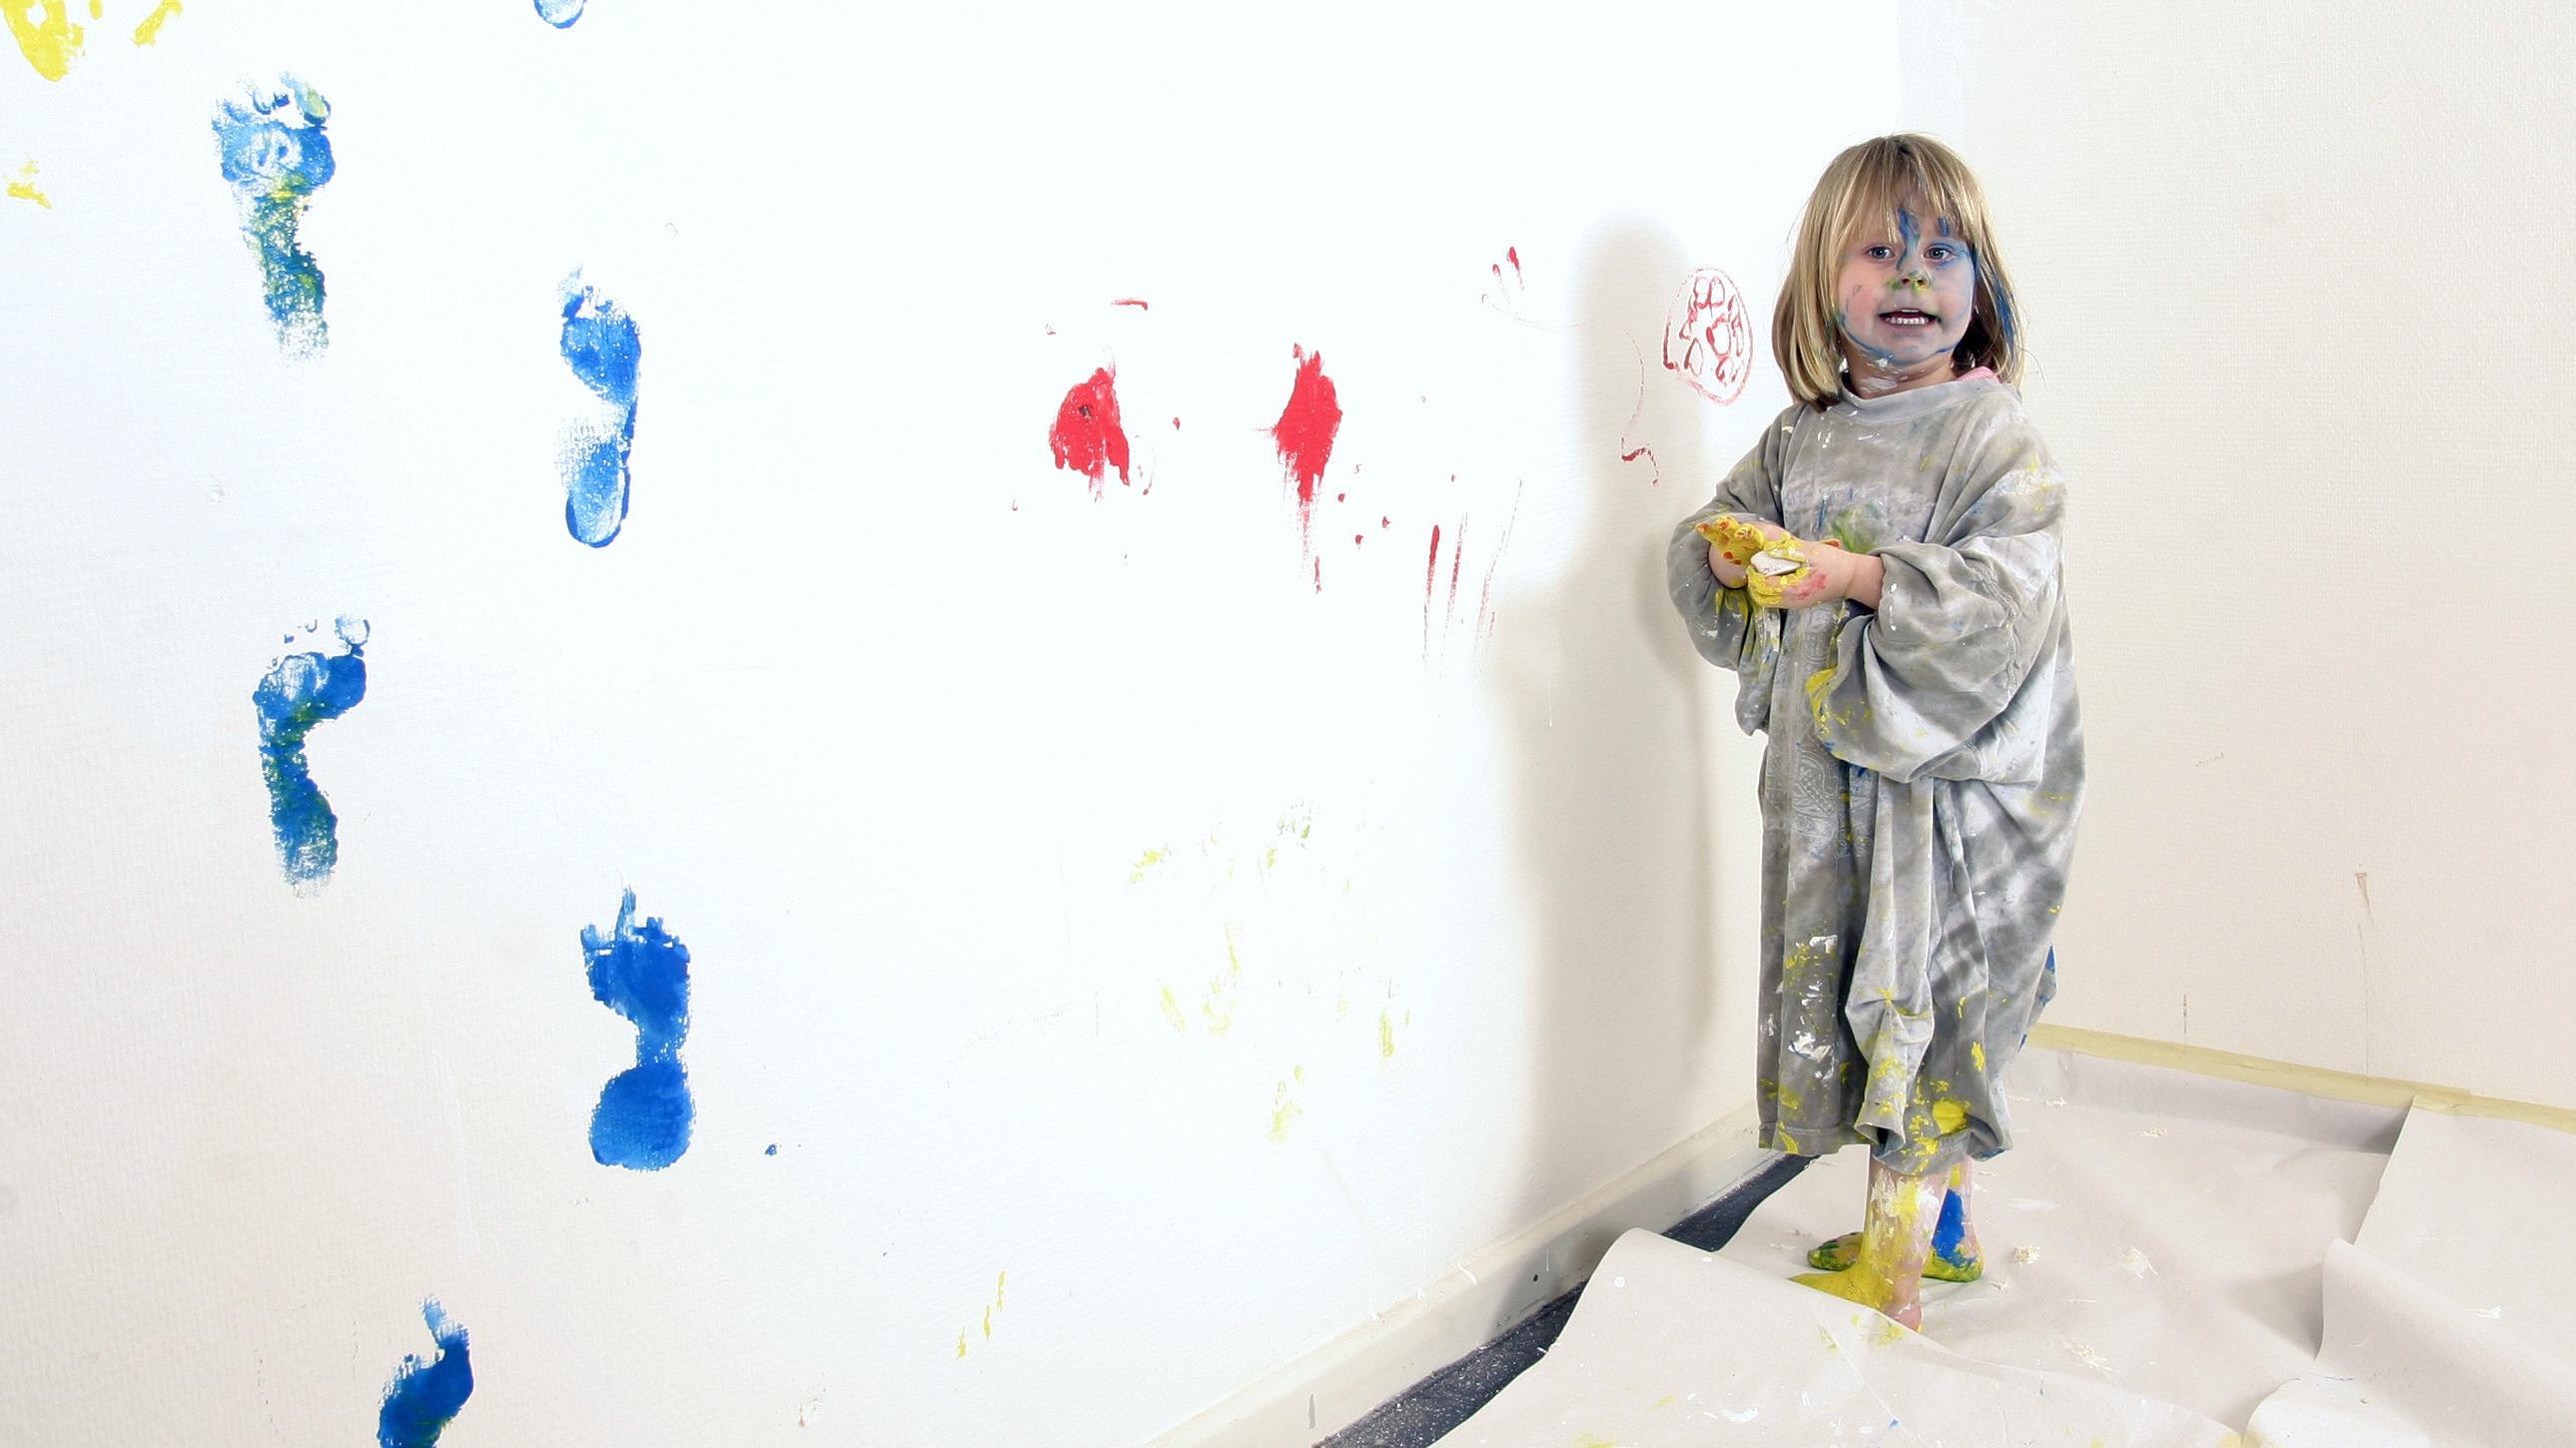 Schmutzradierer: Flecken und Farbe von der Wand entfernen